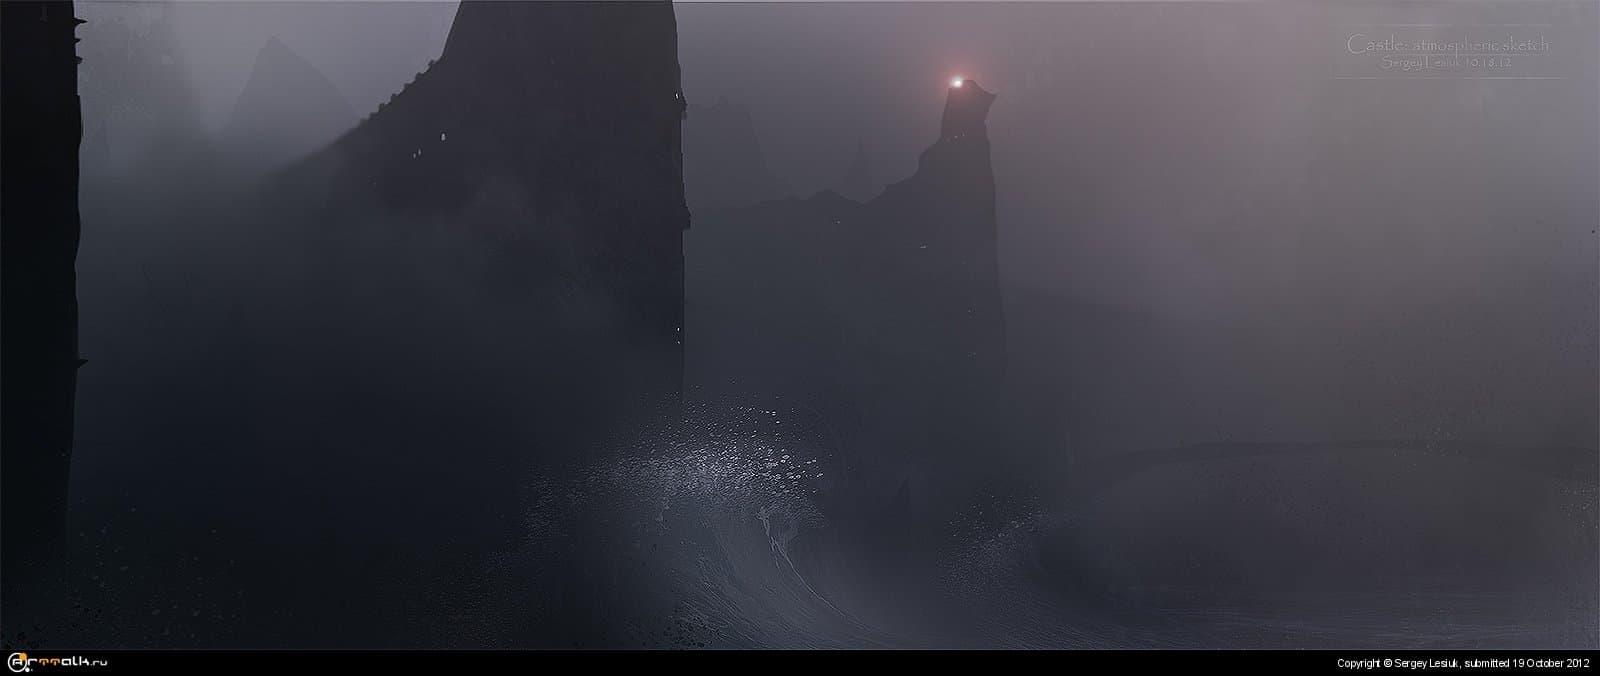 замок: атмосферный скетч